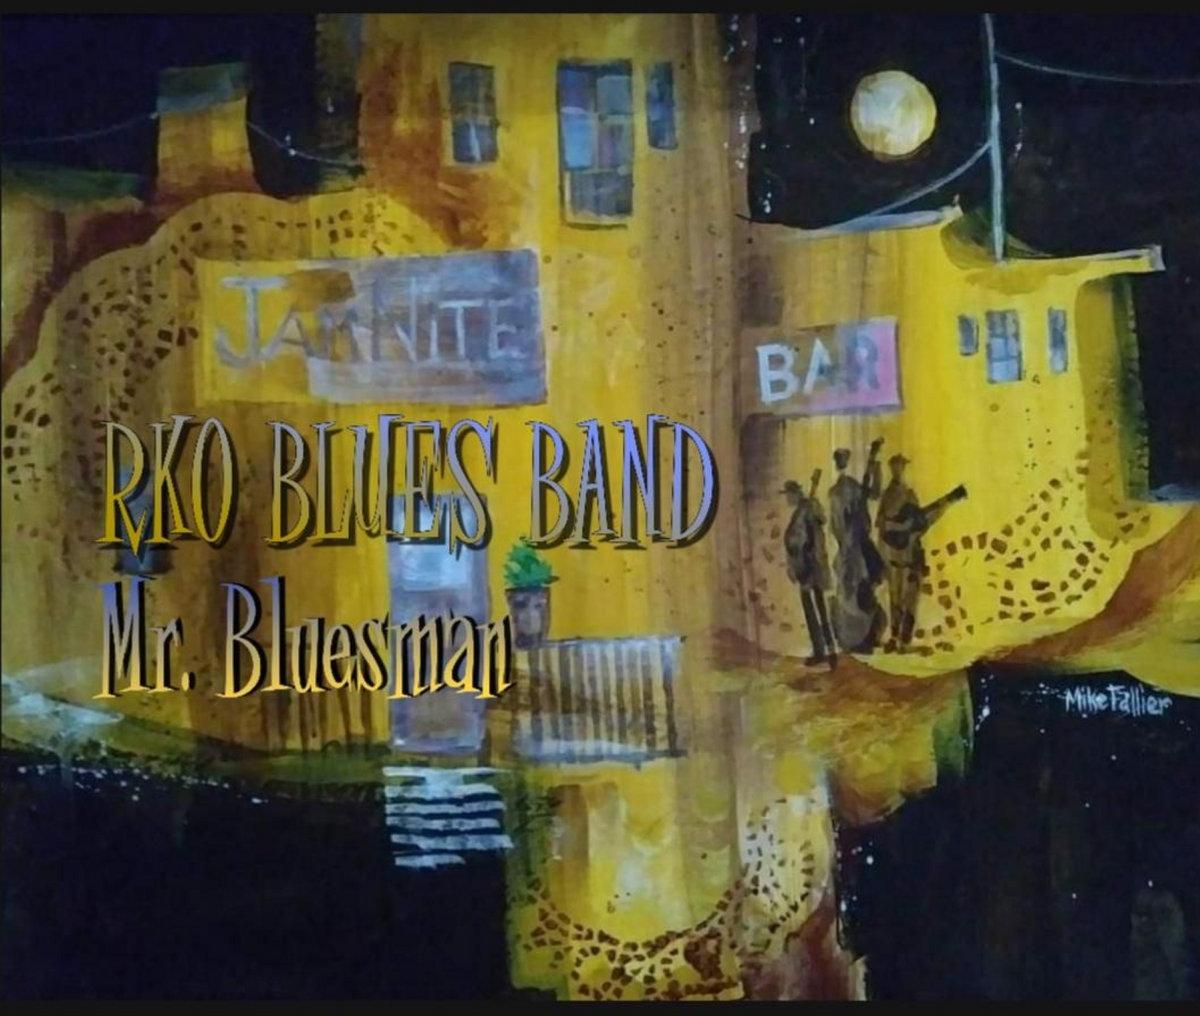 Mr. Bluesman by RKO Blues